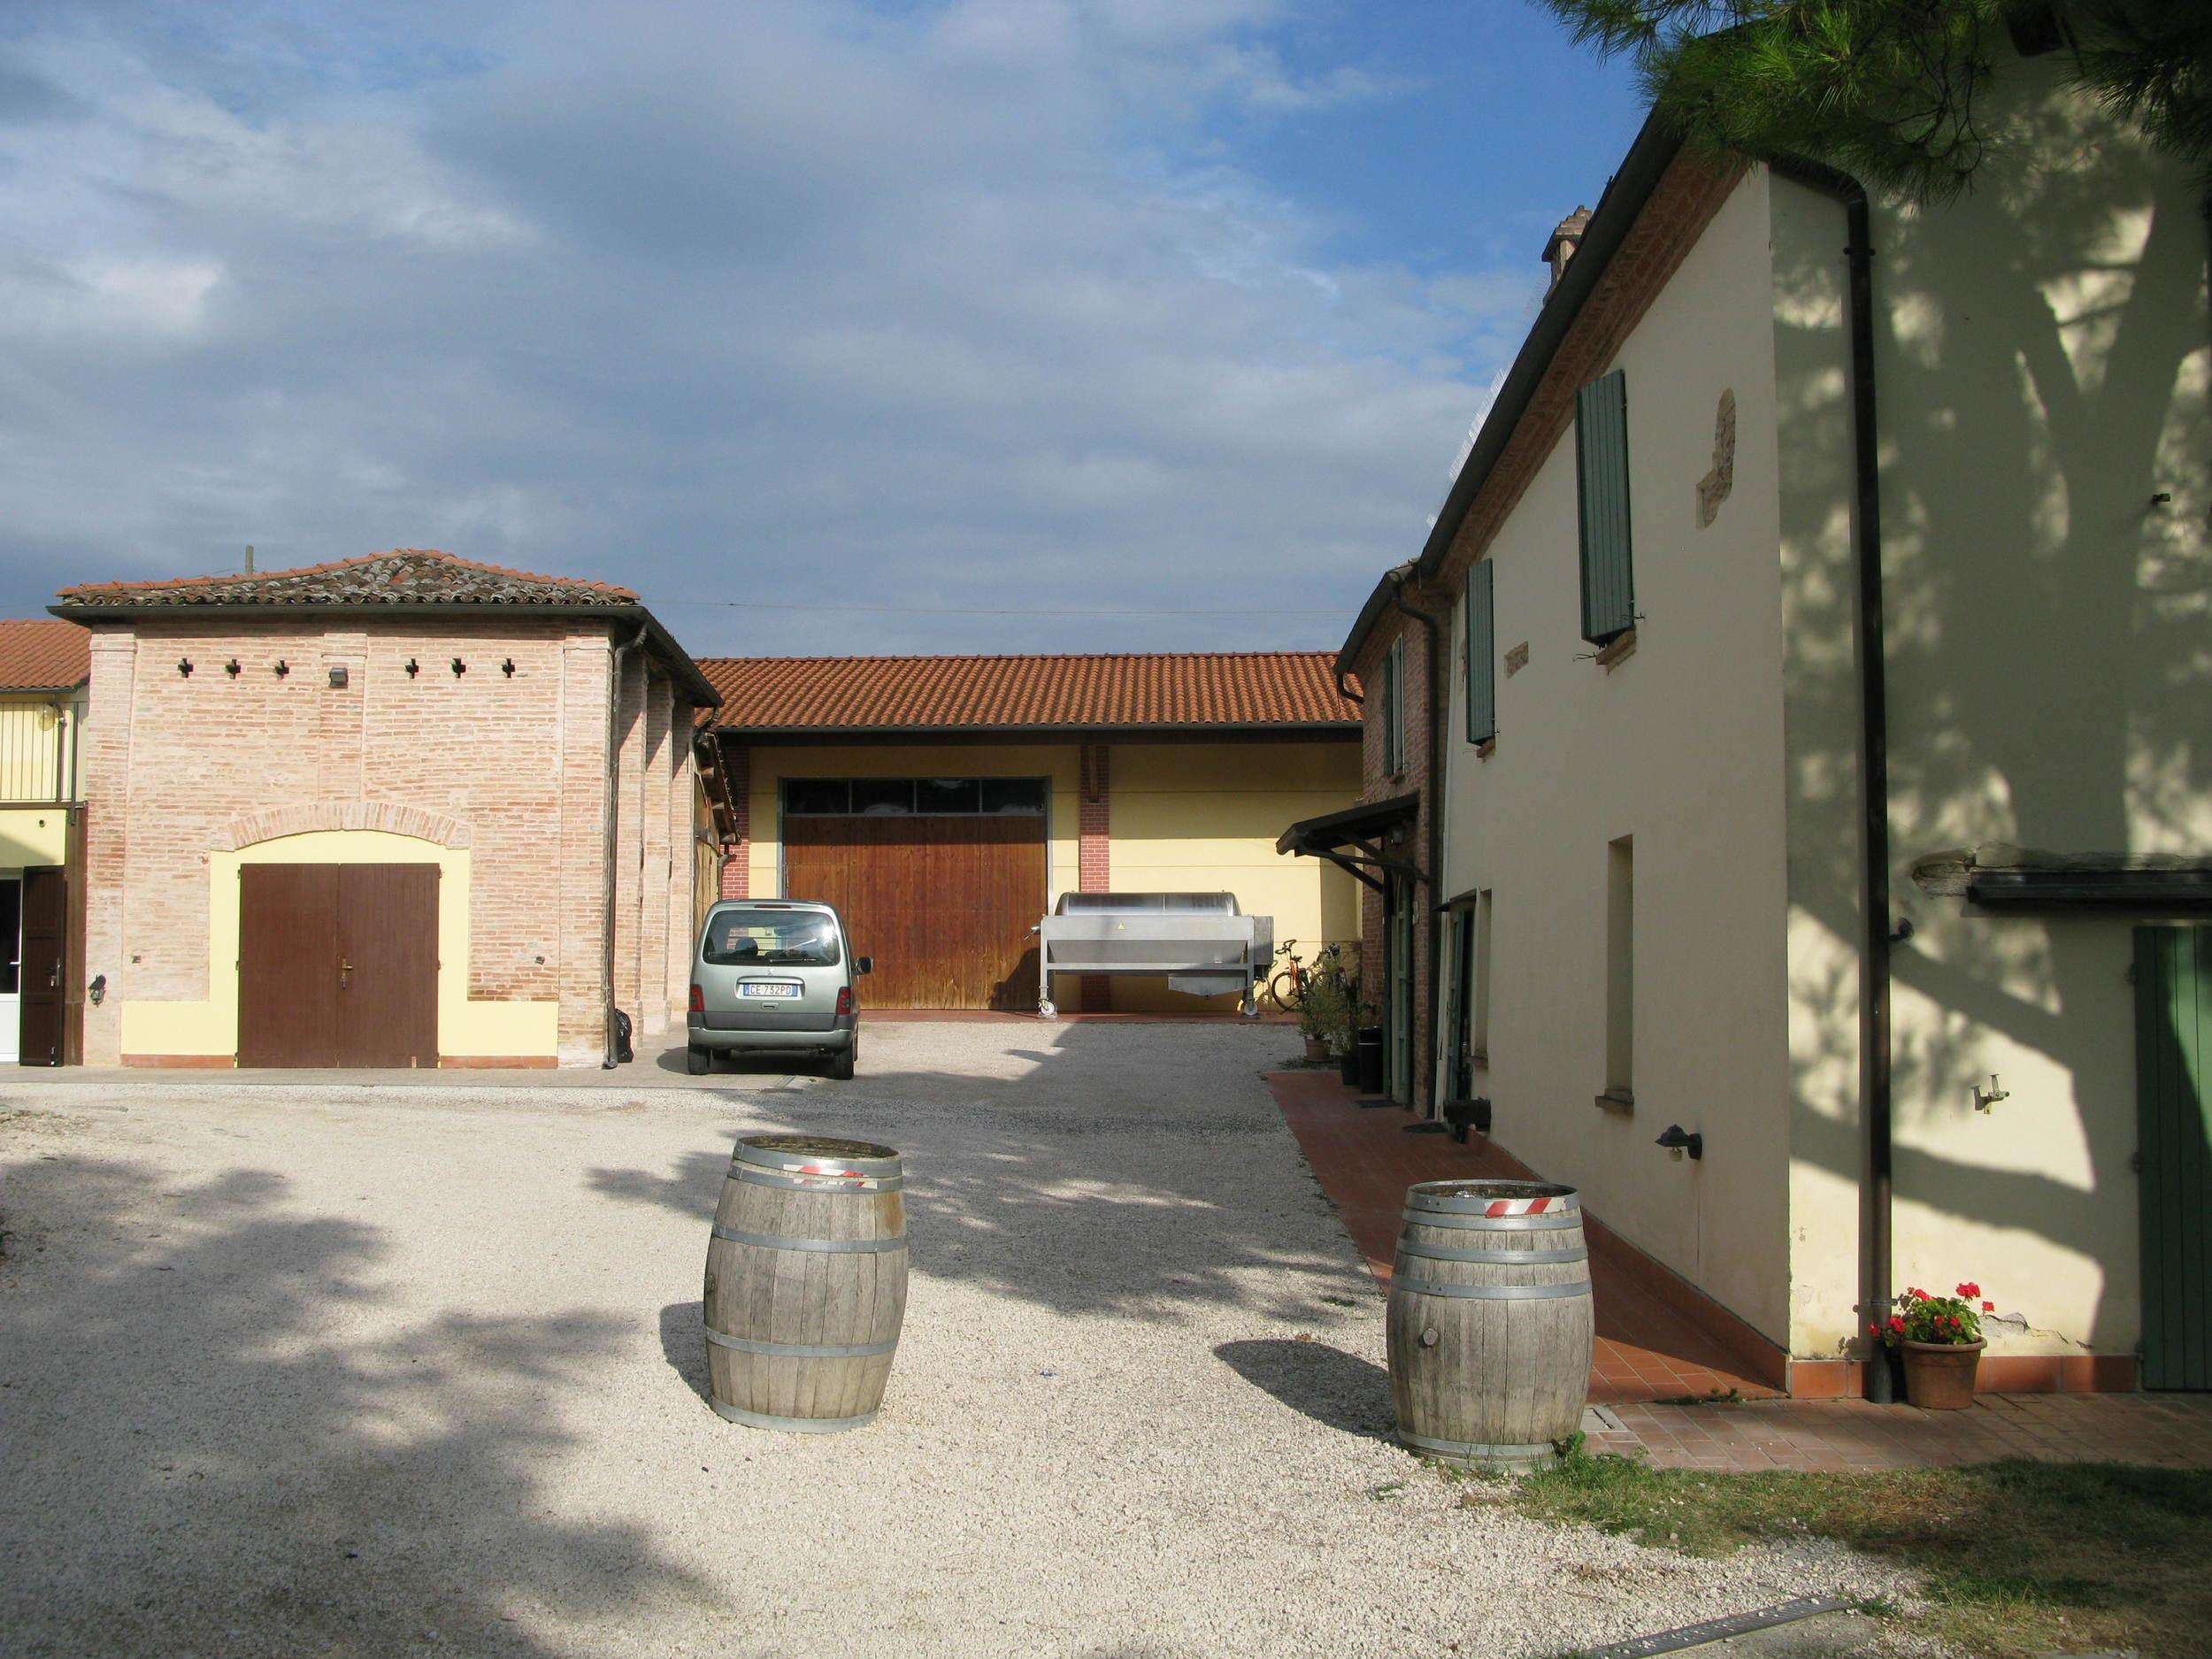 The winery at La Sabbiona